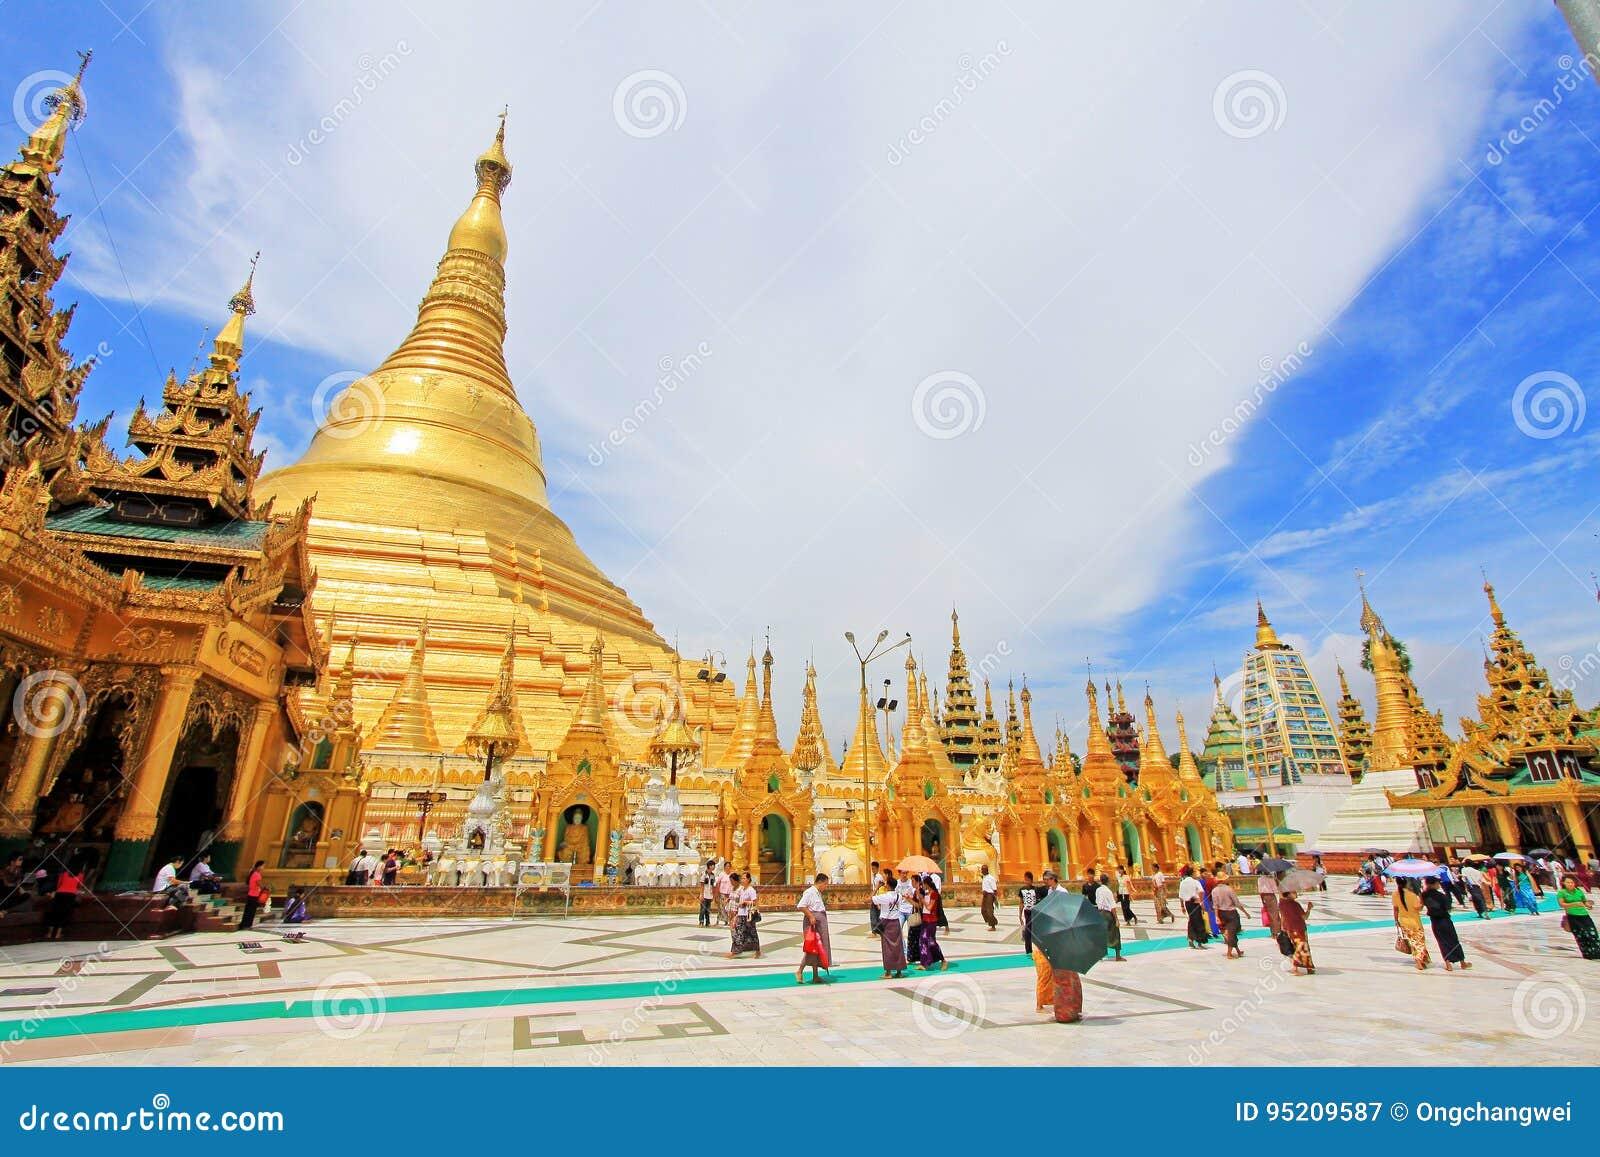 Панорама пагоды Shwedagon, Янгон, Мьянма